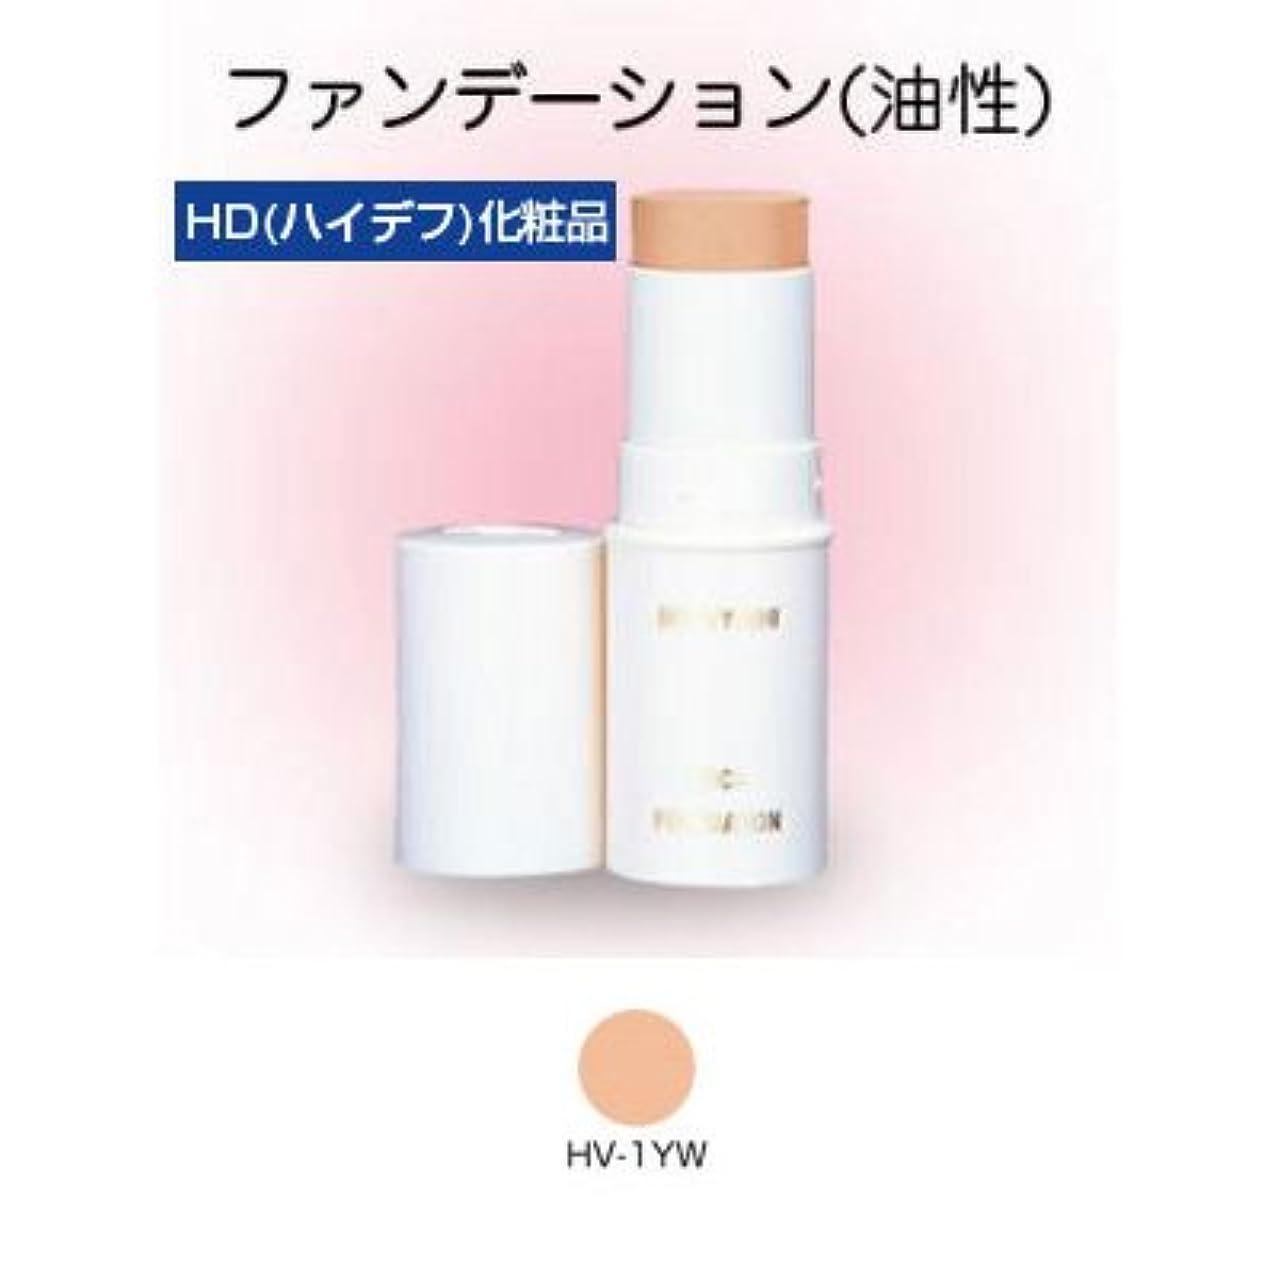 仕方アウター掘るスティックファンデーション HD化粧品 17g 1YW 【三善】